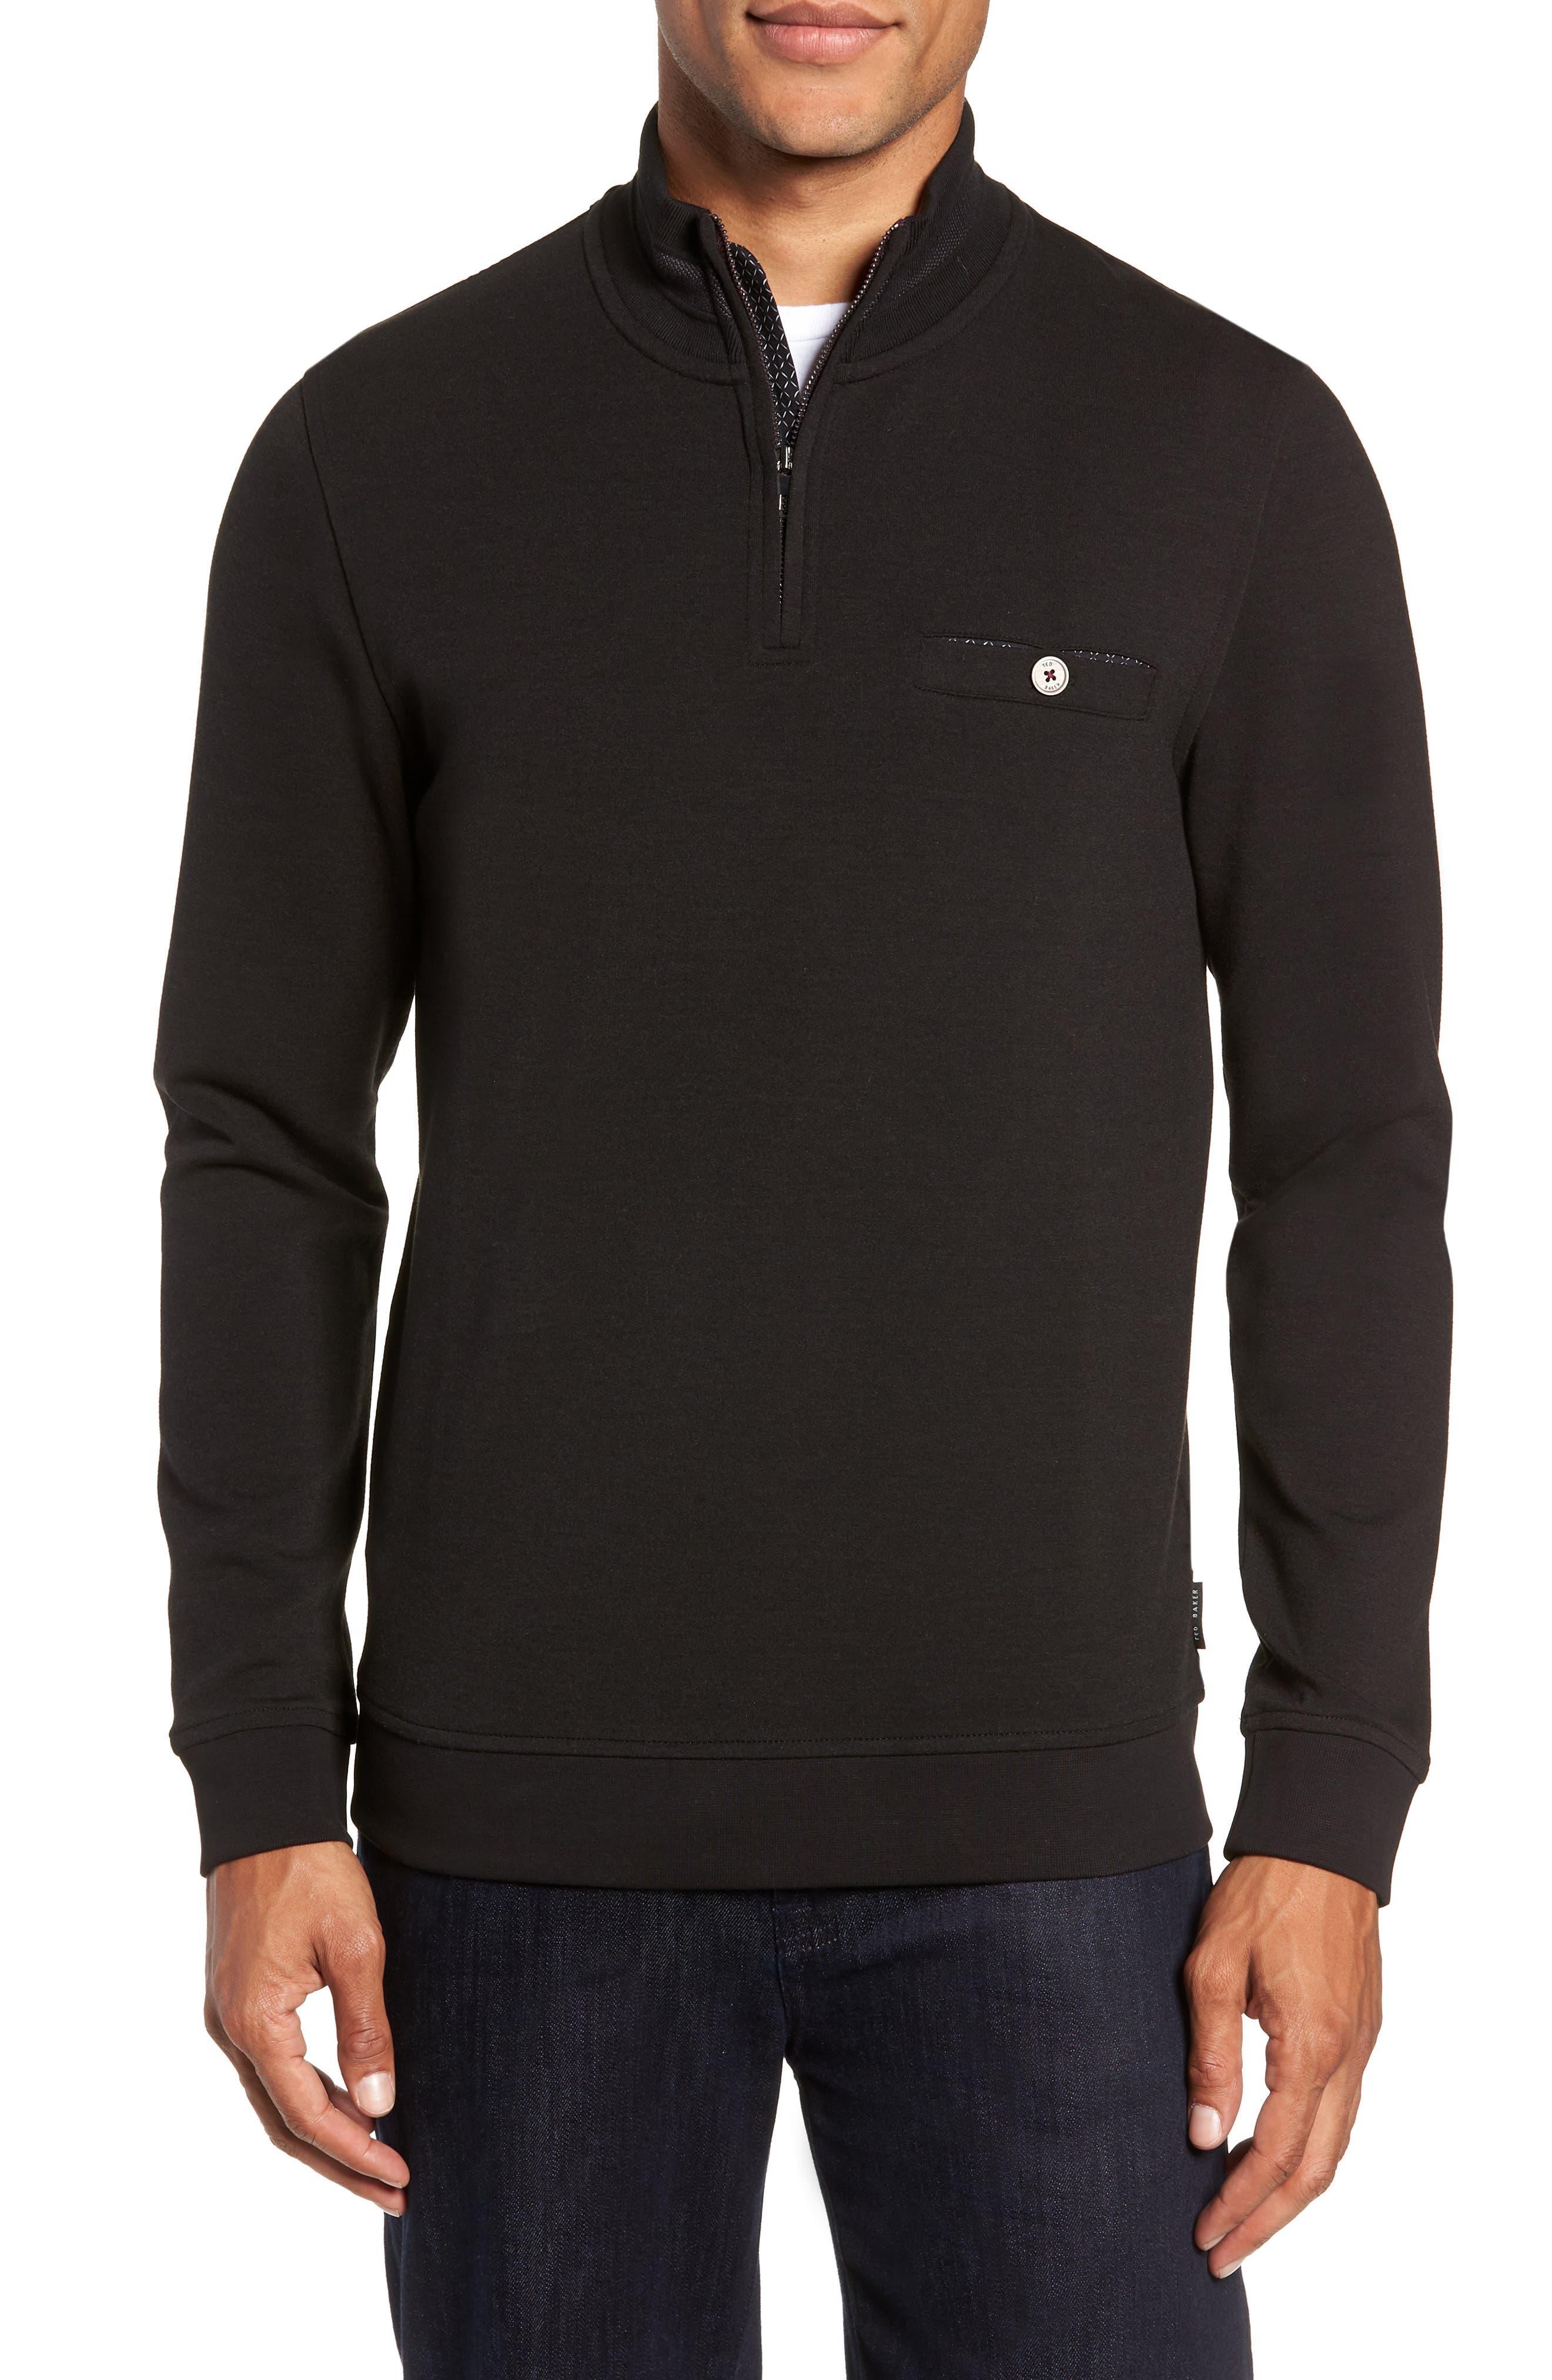 Peper Trim Fit Half Zip Pullover,                             Main thumbnail 1, color,                             001